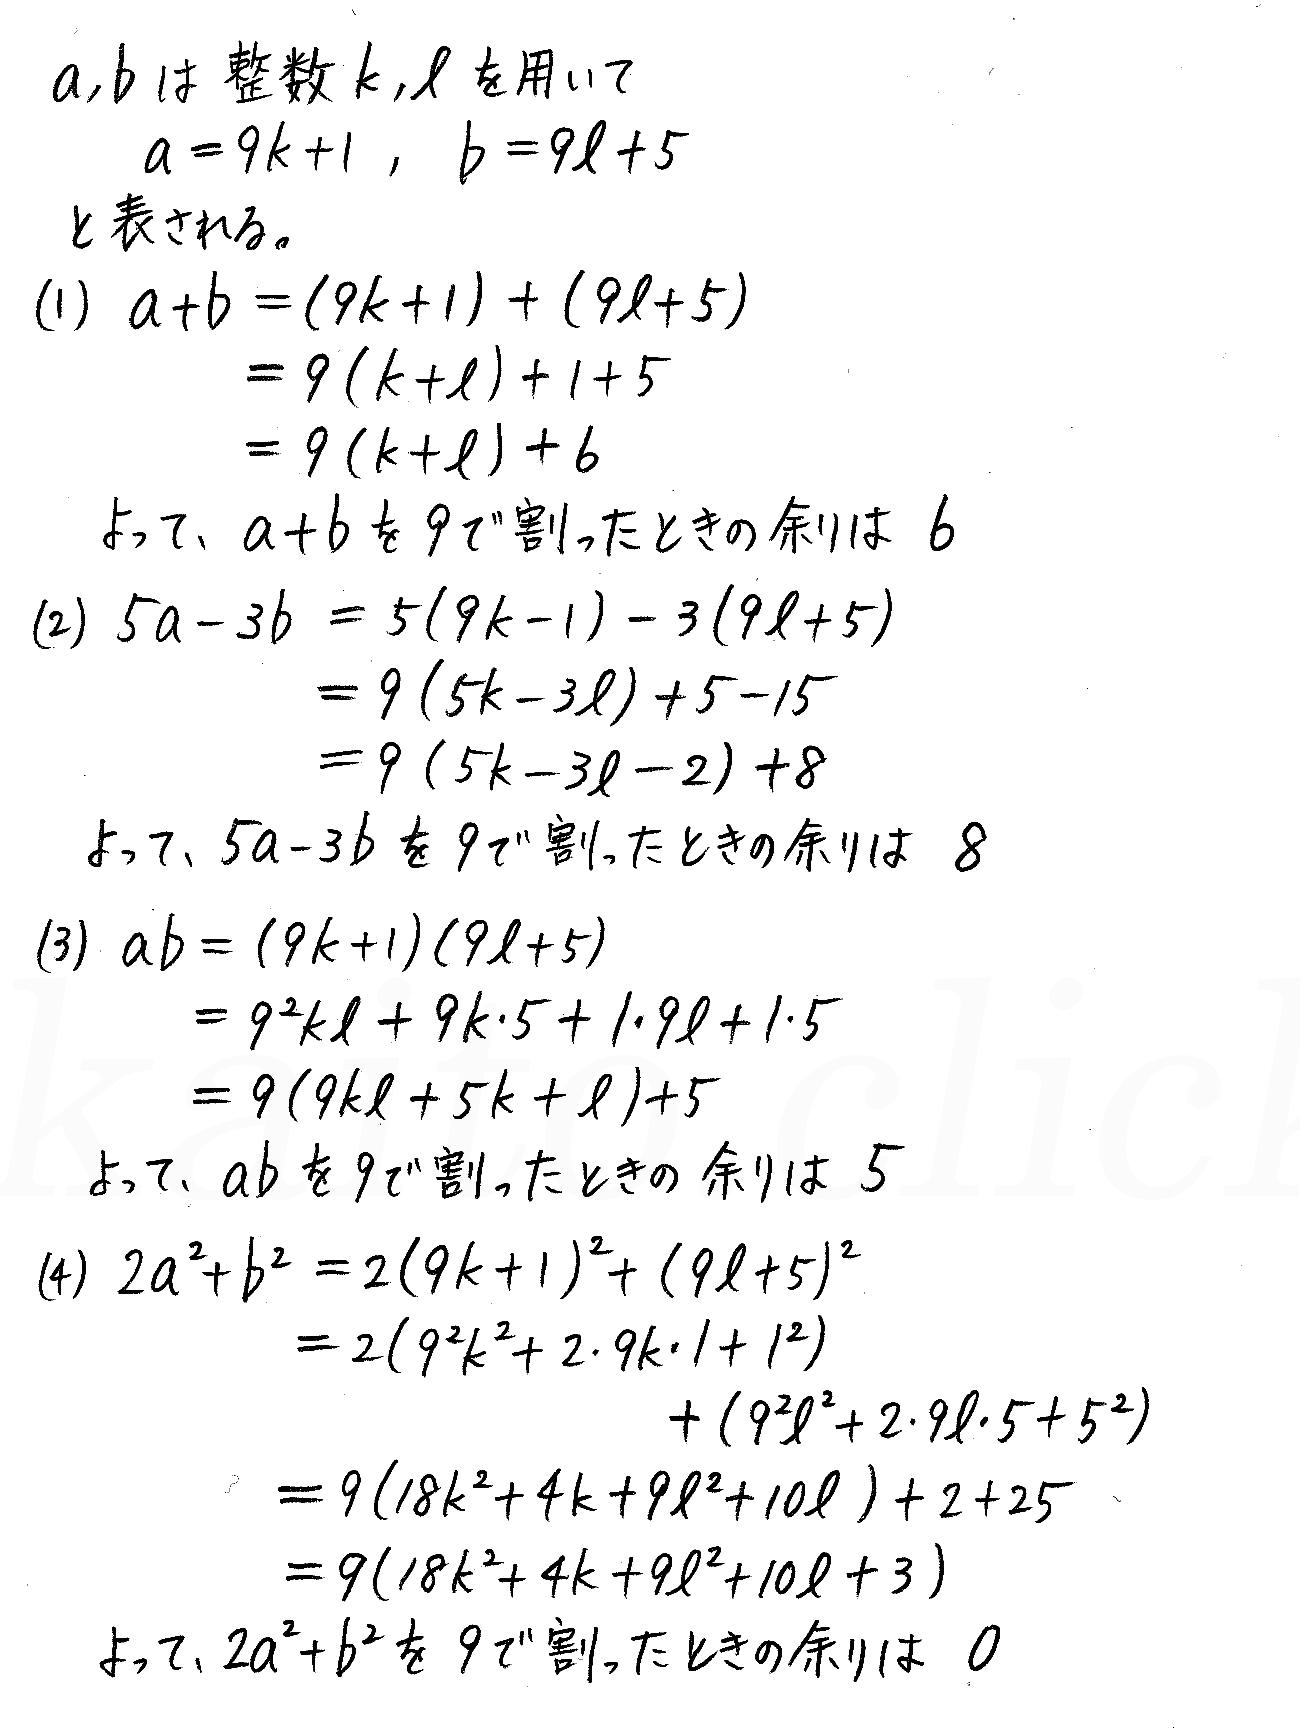 3TRIAL数学A-240解答